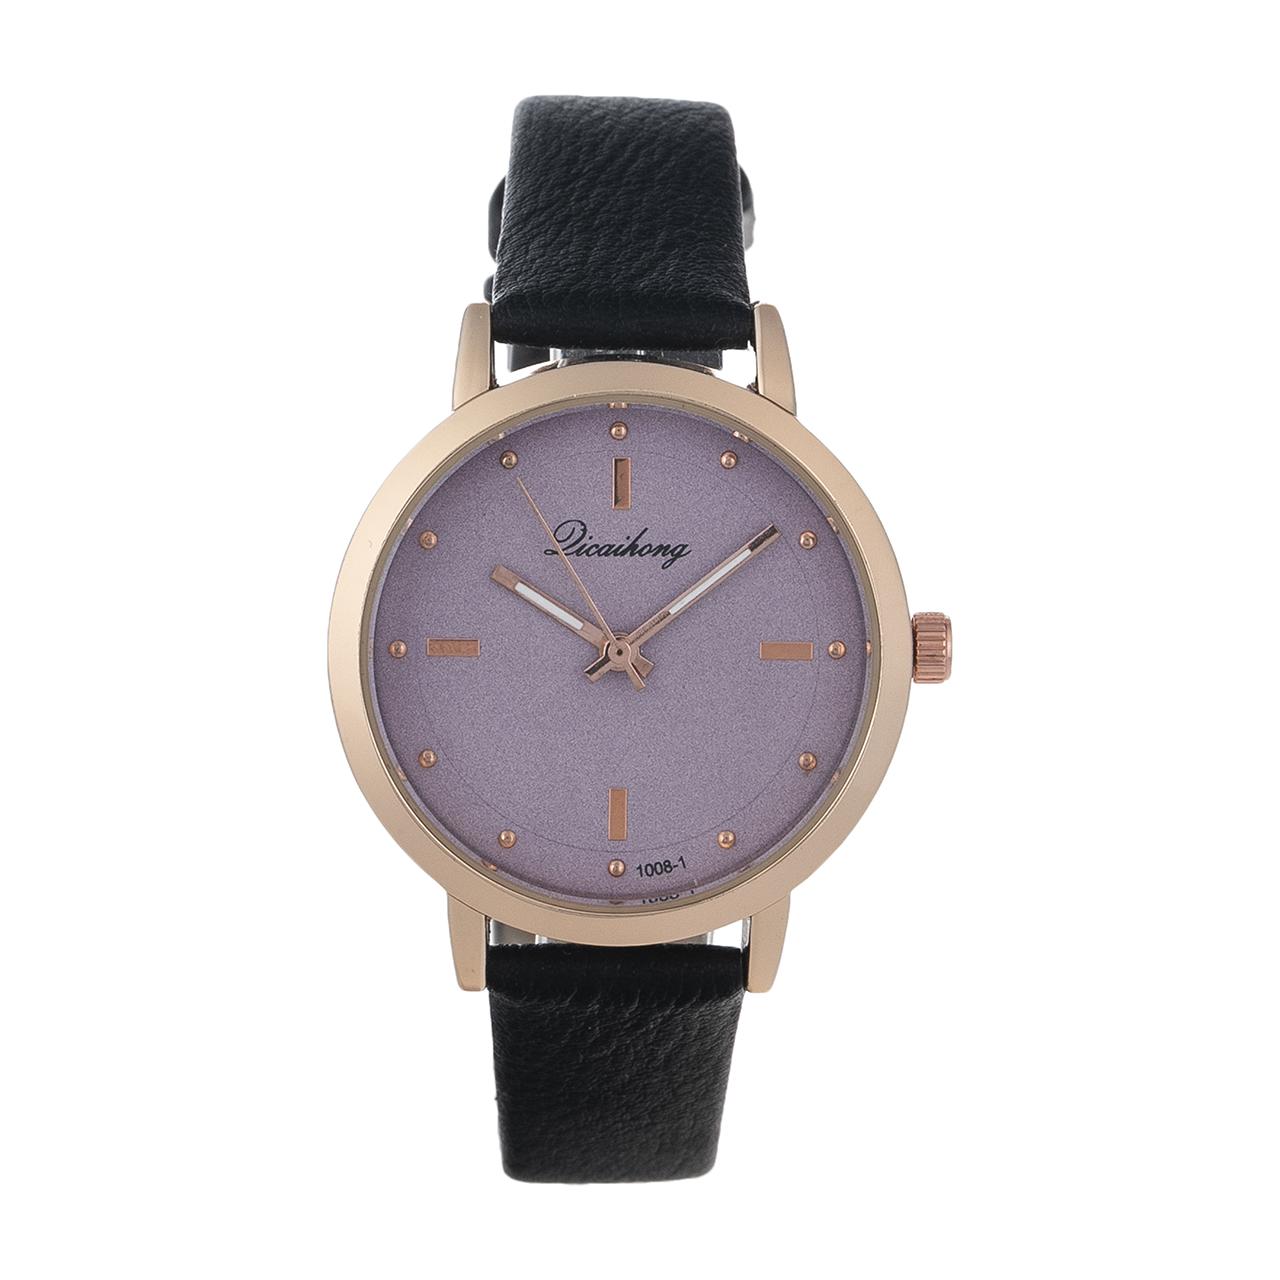 خرید ساعت مچی عقربه ای زنانه دیکایهونگ مدل DW4  کد 1206